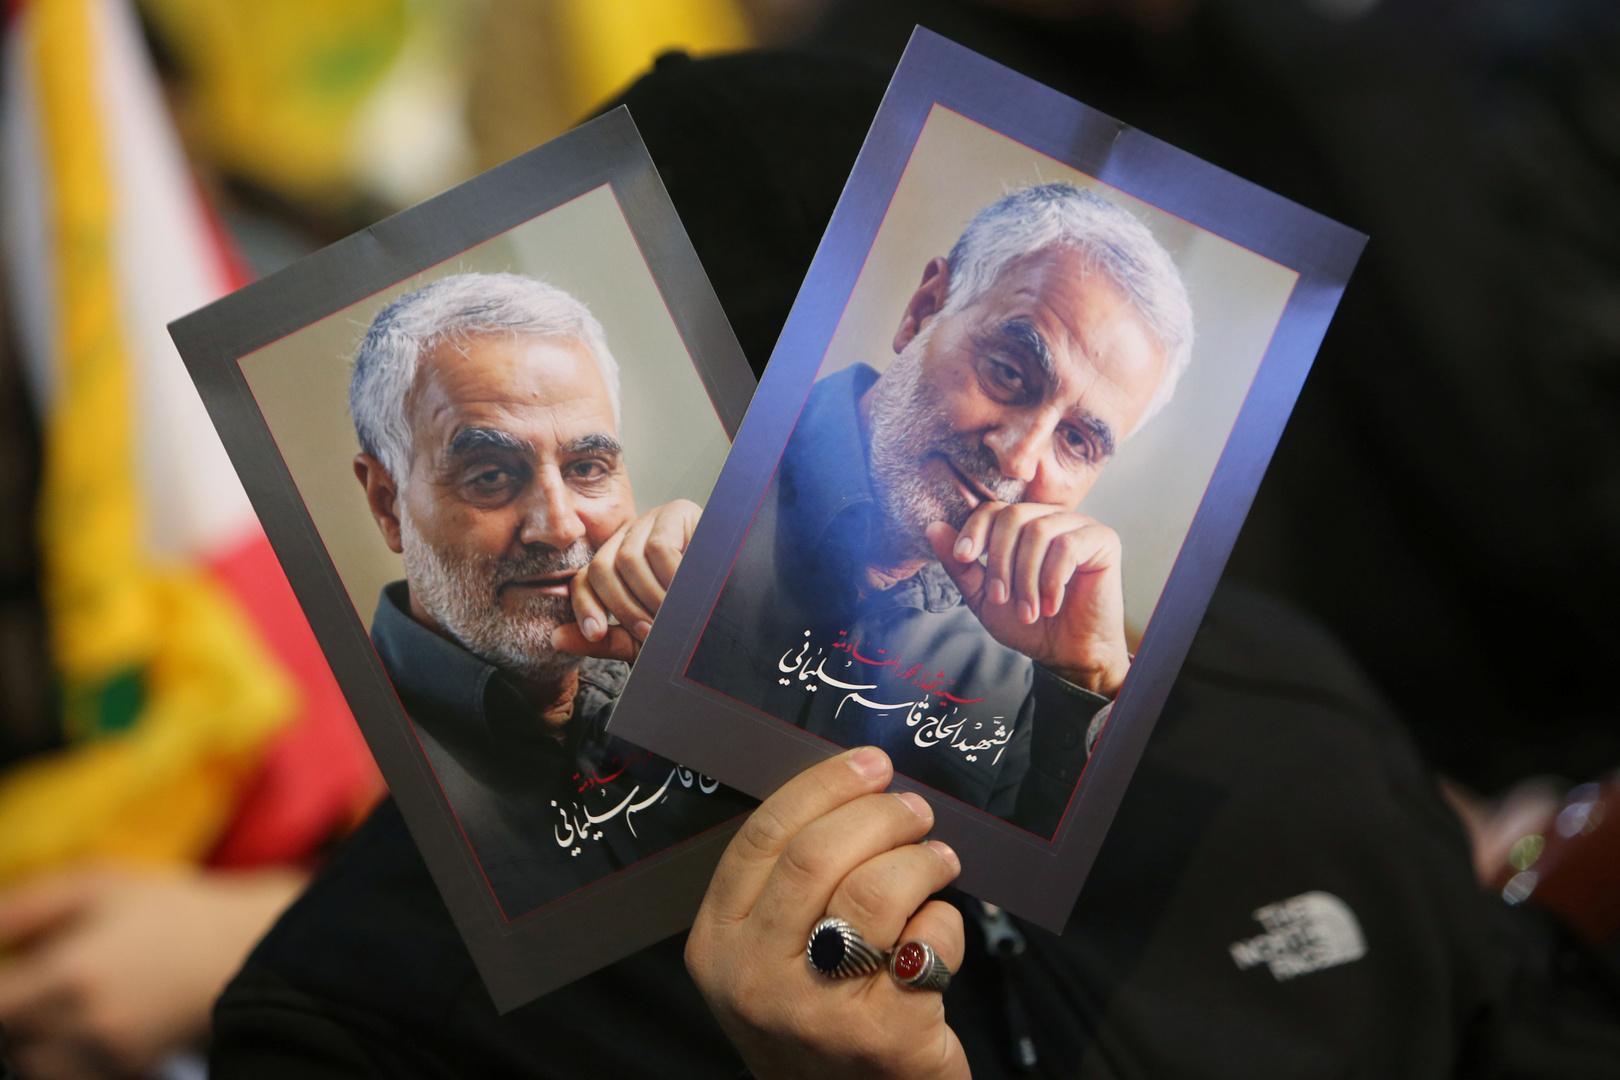 الحرس الثوري الإيراني: البعض كان يعول على إضعاف محور المقاومة بعد اغتيال سليماني لكن ذلك لم يحصل